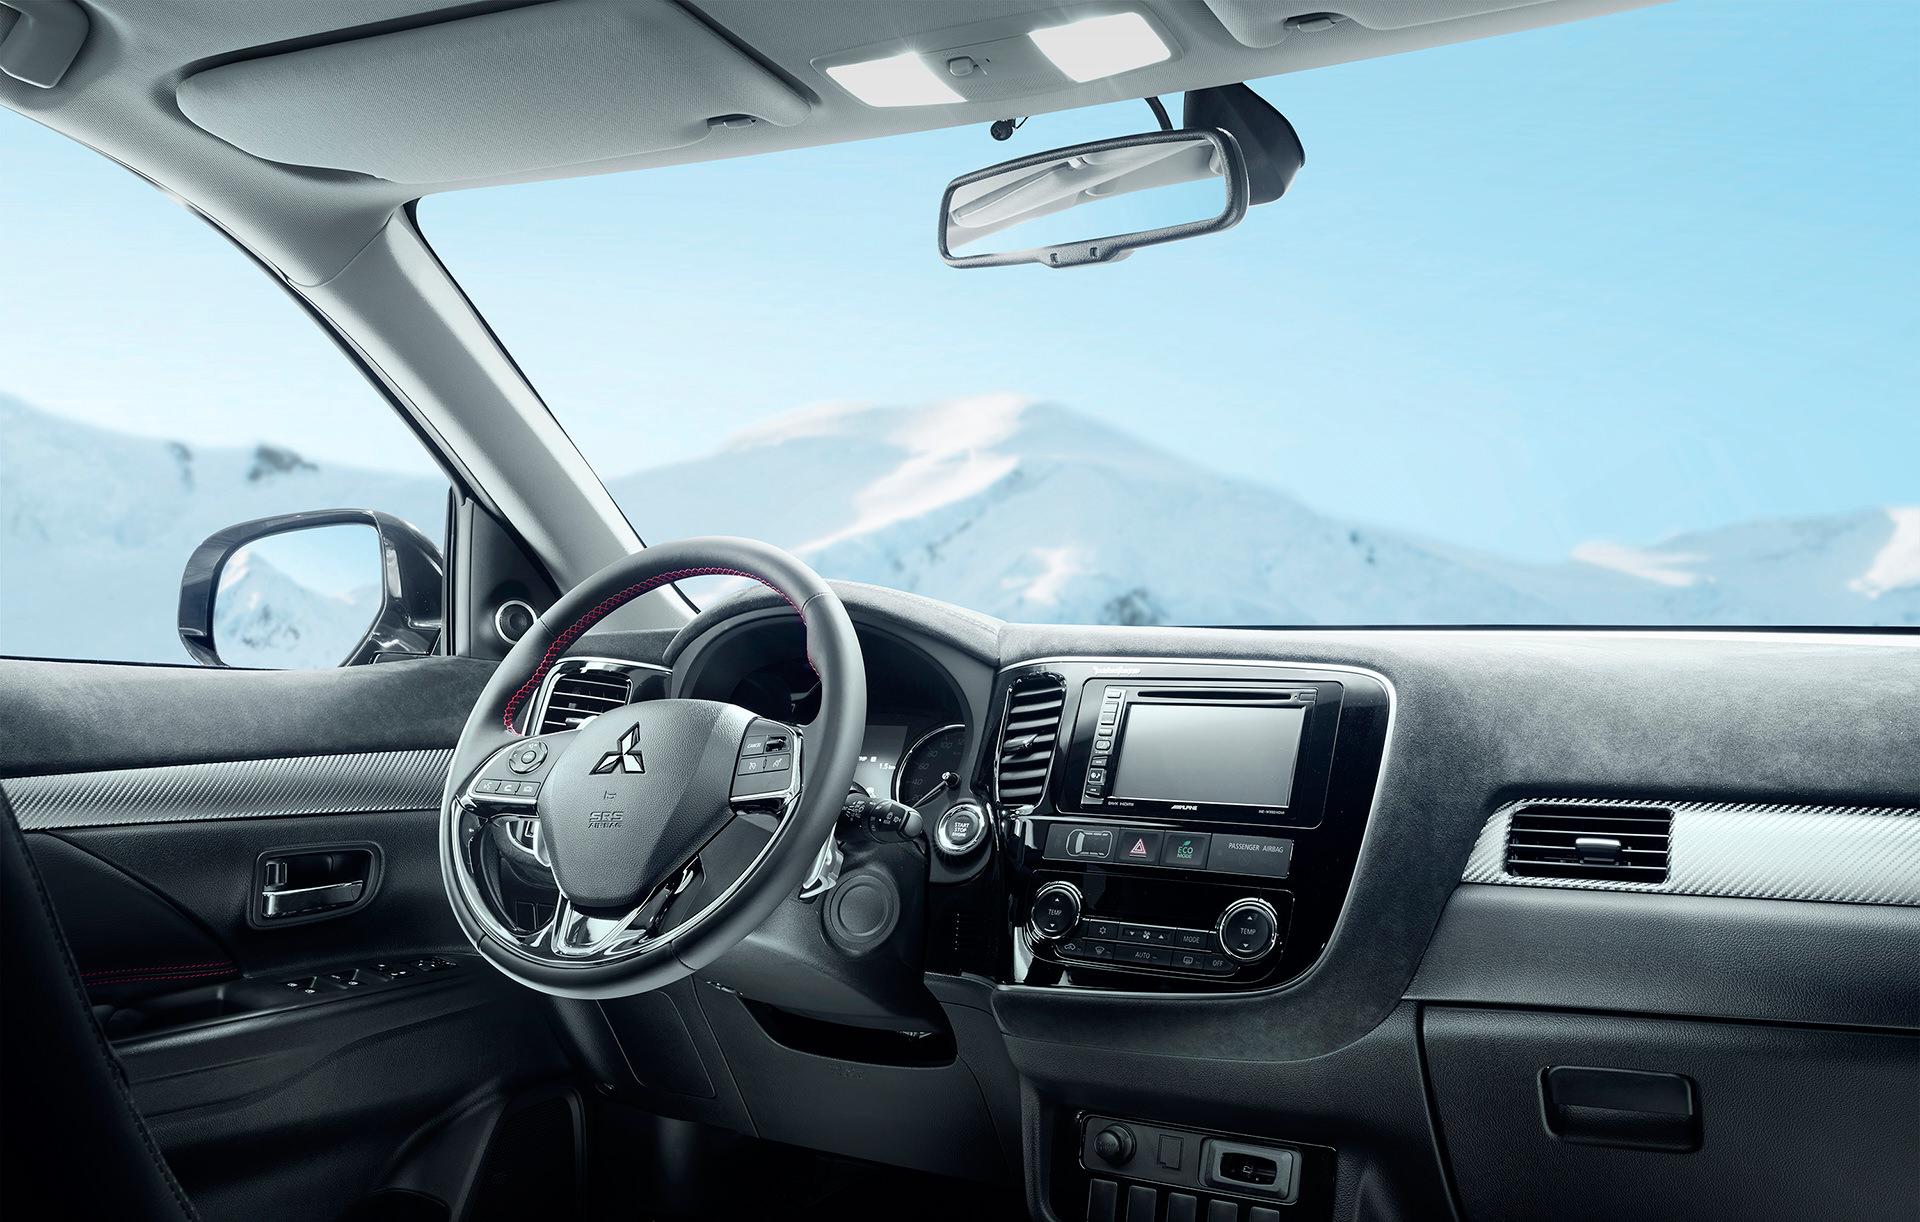 Motoryzacyjna fotografia reklamowa dla marki Mitsubishi, Germaz od Mateusz Drozd.